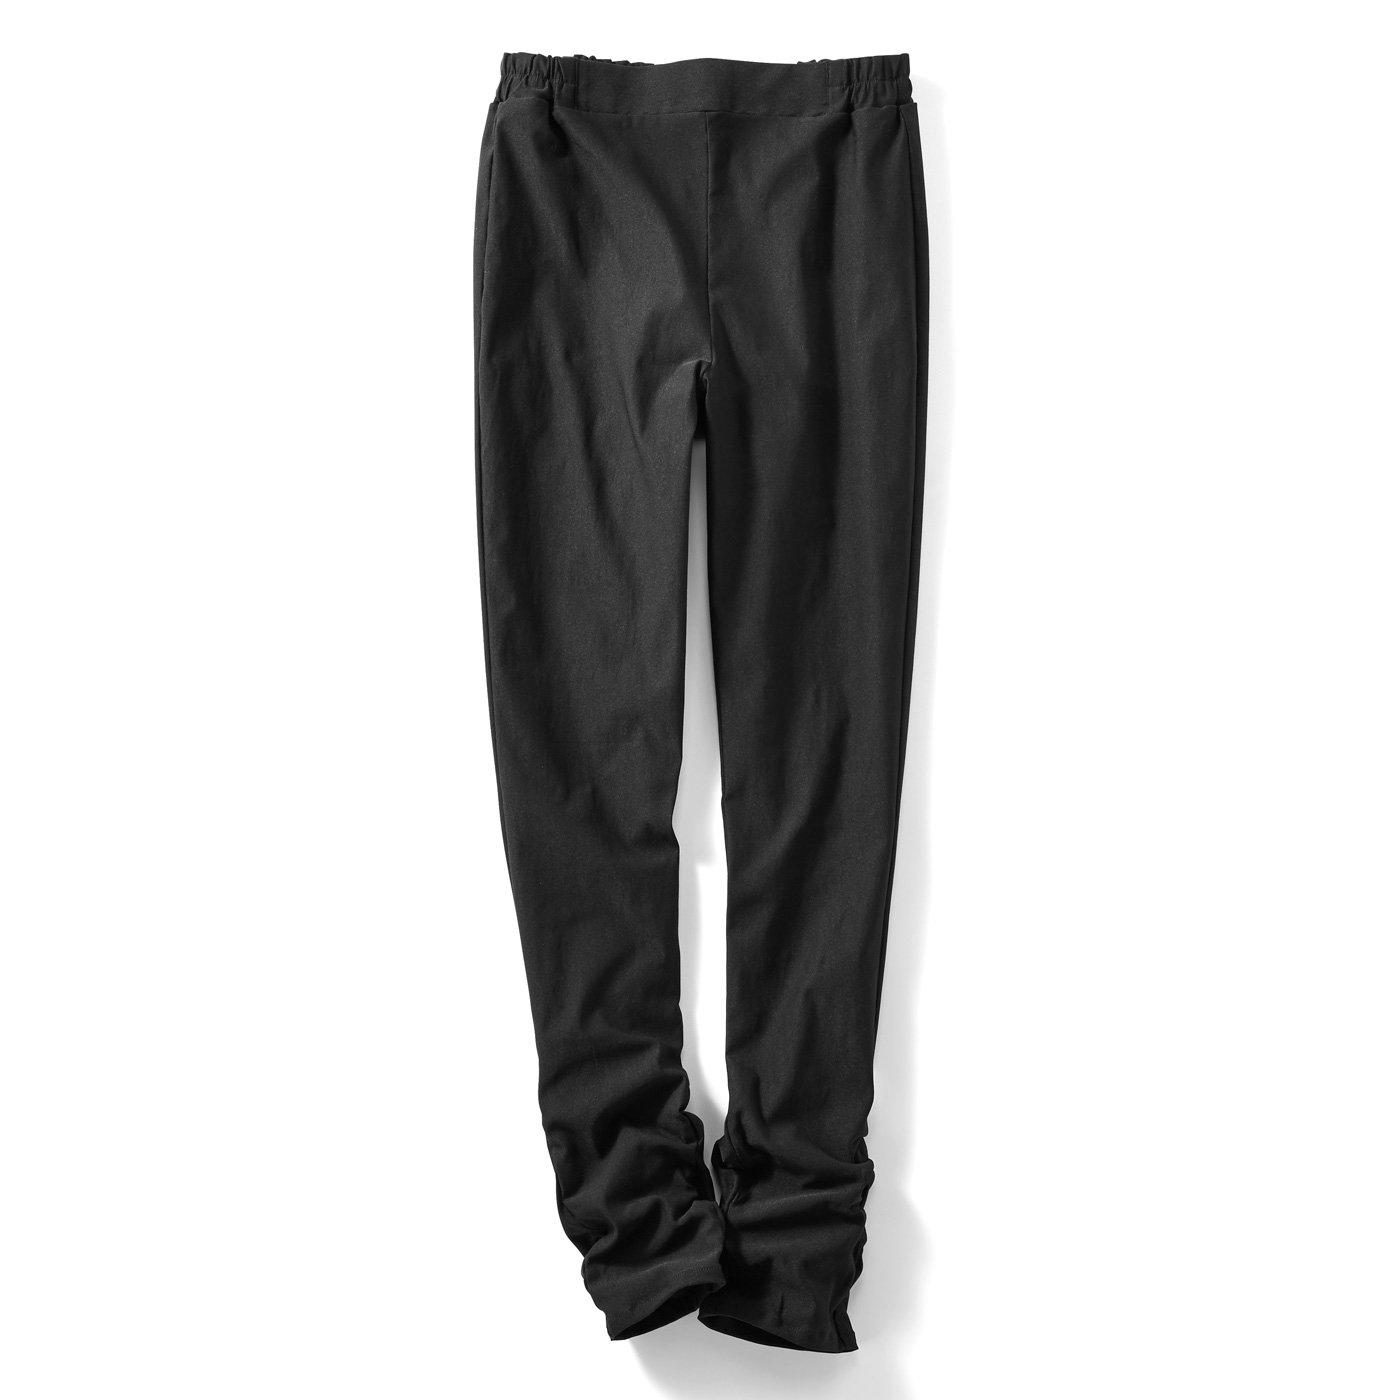 IEDIT[イディット] ストレッチ布はく素材がきちんと快適 すそくしゅレギンスパンツ〈ブラック〉